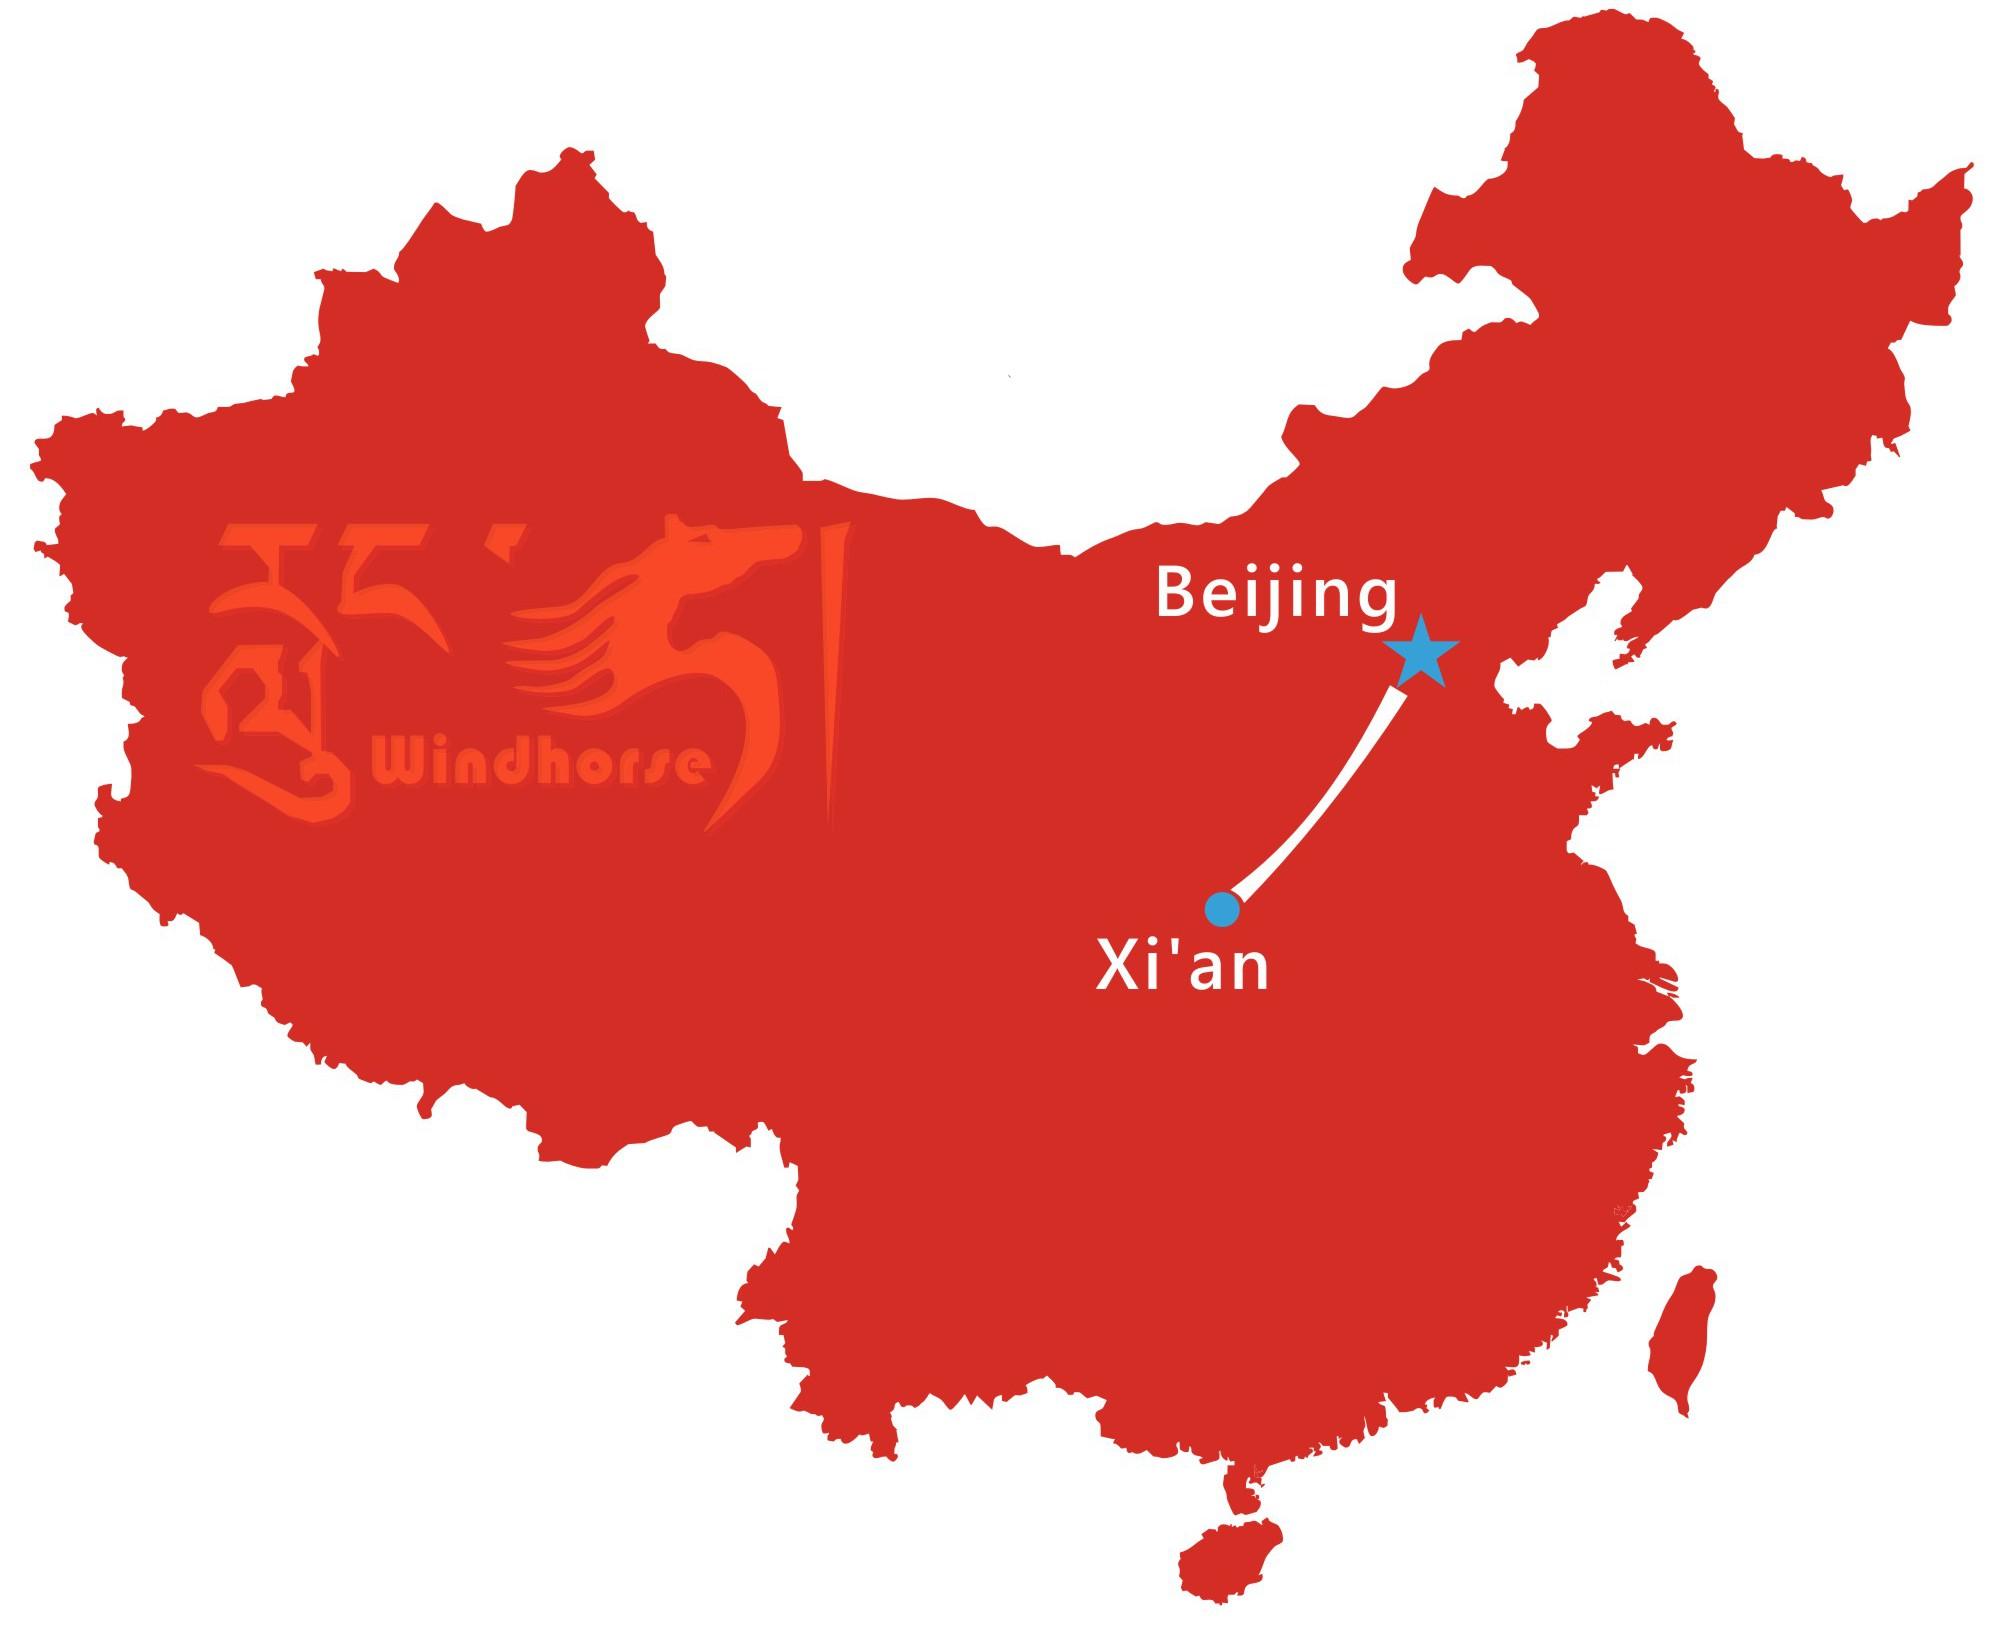 Beijing Xi'an Train Tour Map